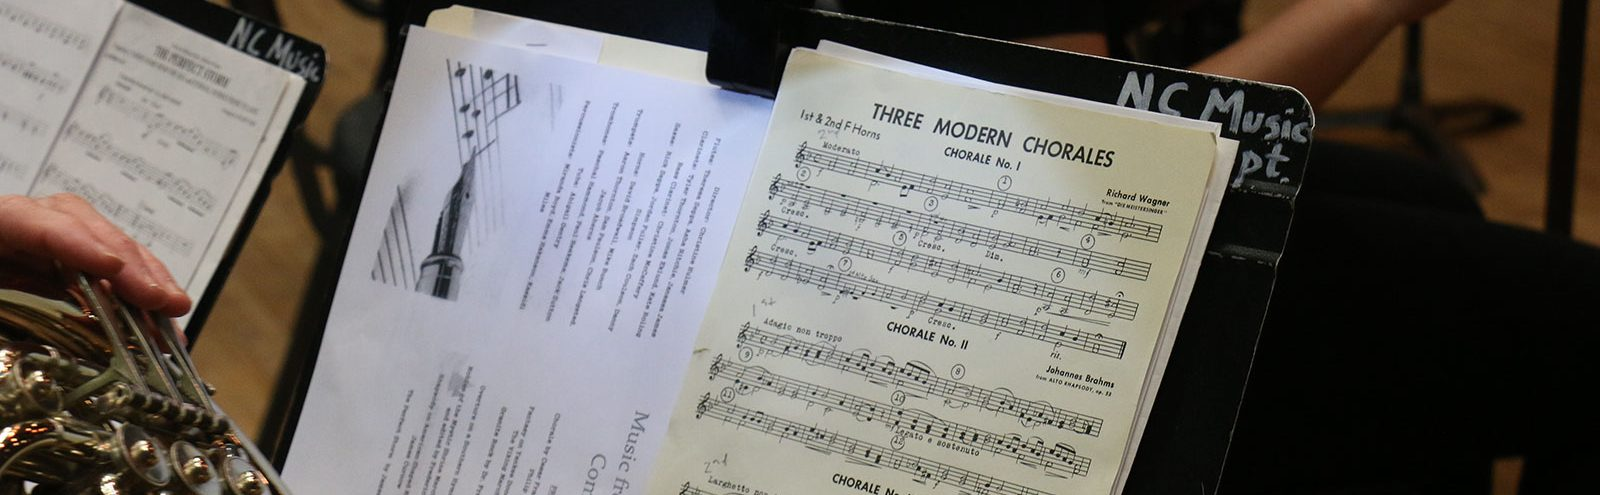 Concert sheet music